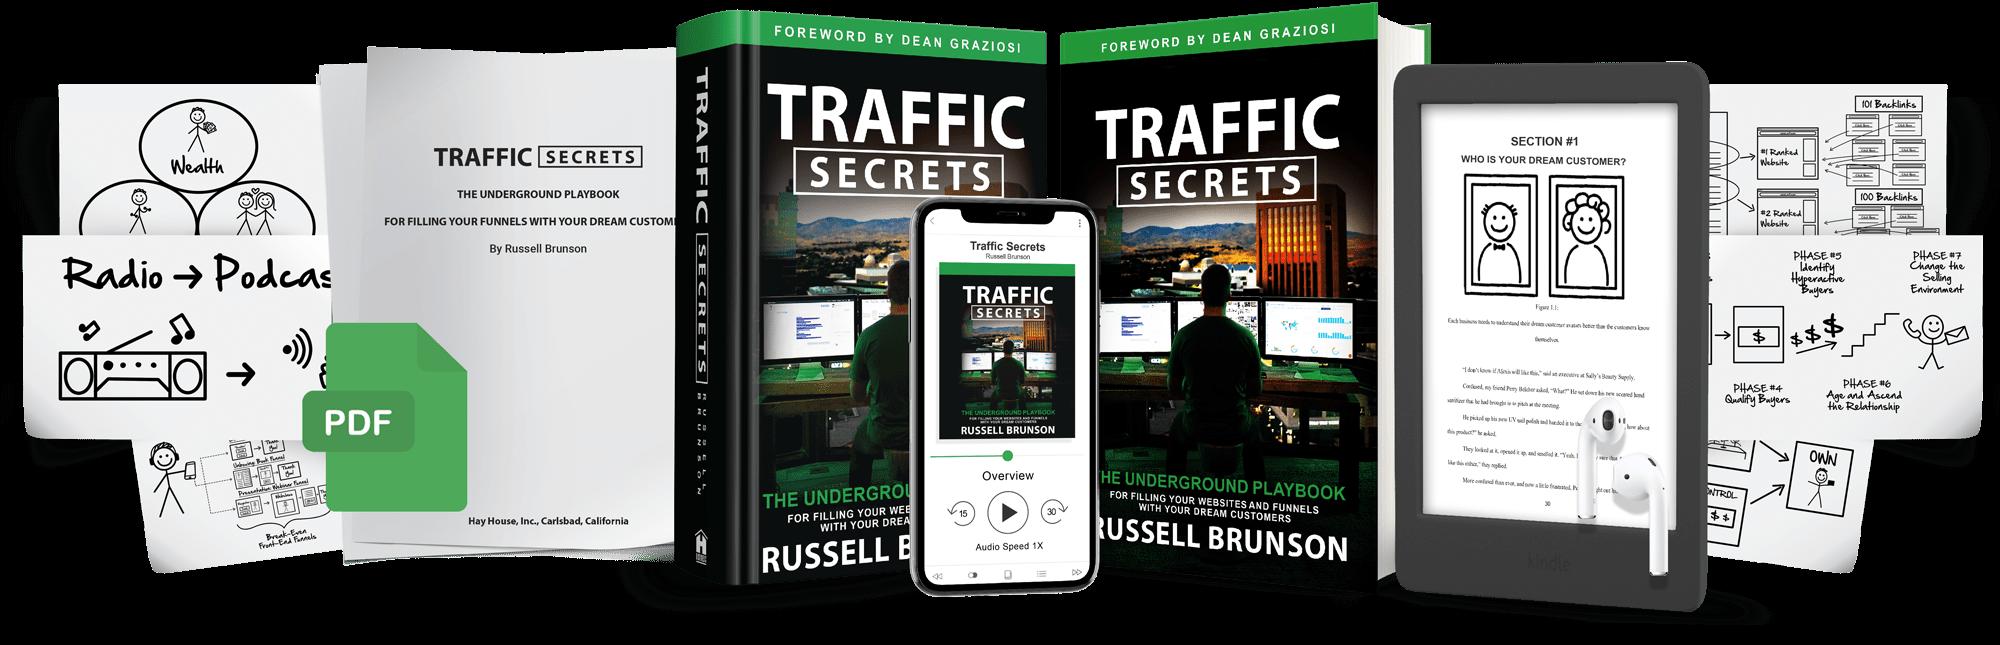 Traffic Secrets de Russell Brunson Résumé Complet